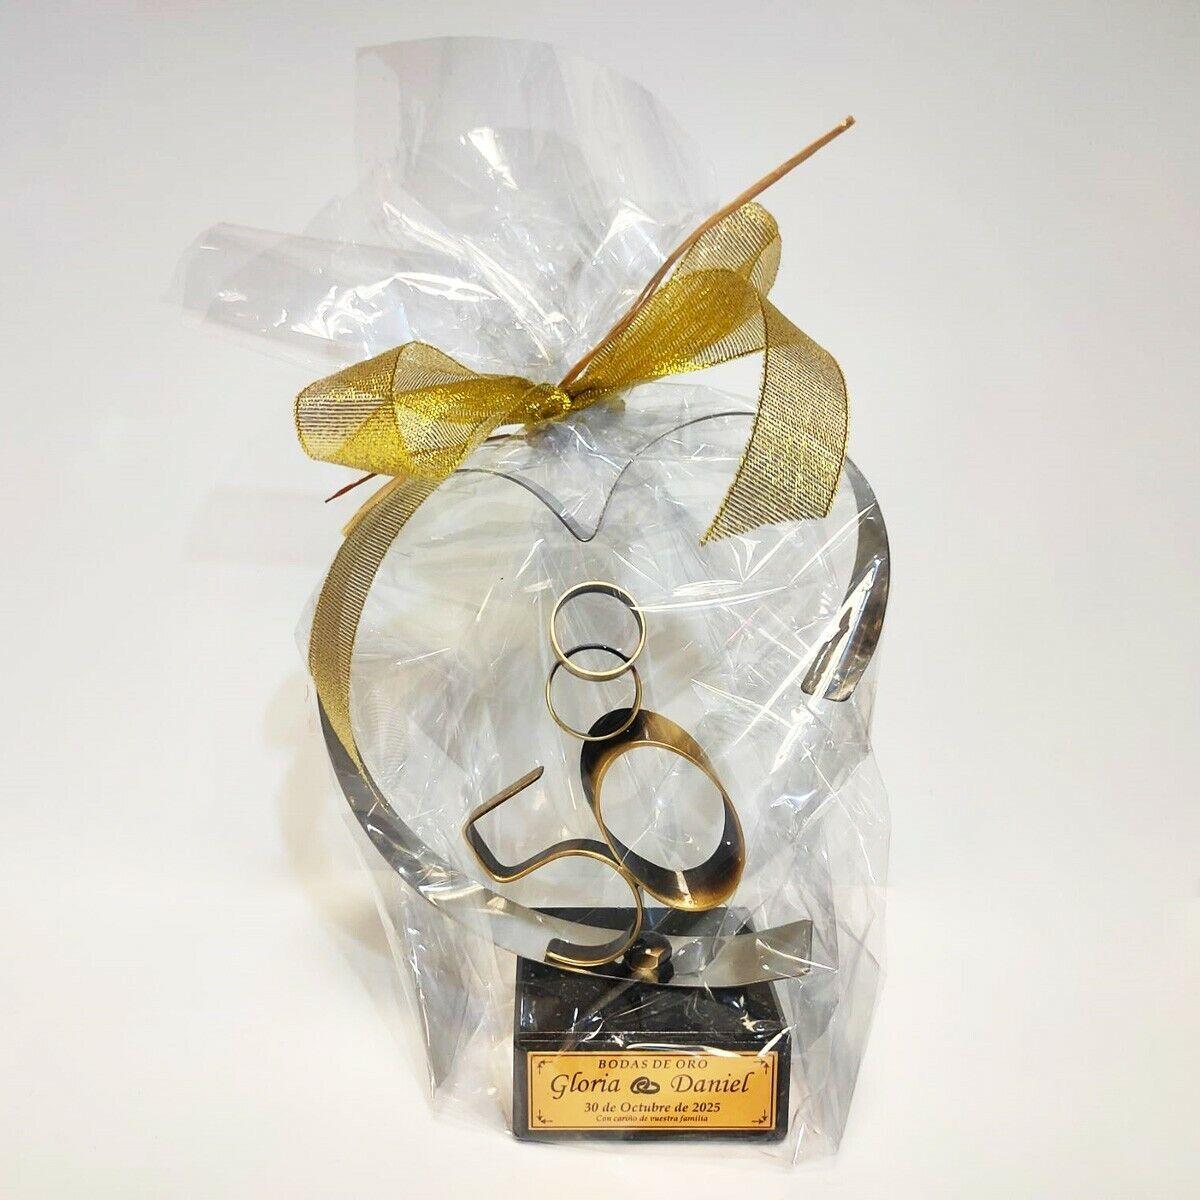 Aniversario - Bodas de Oro con anillos 18 cm